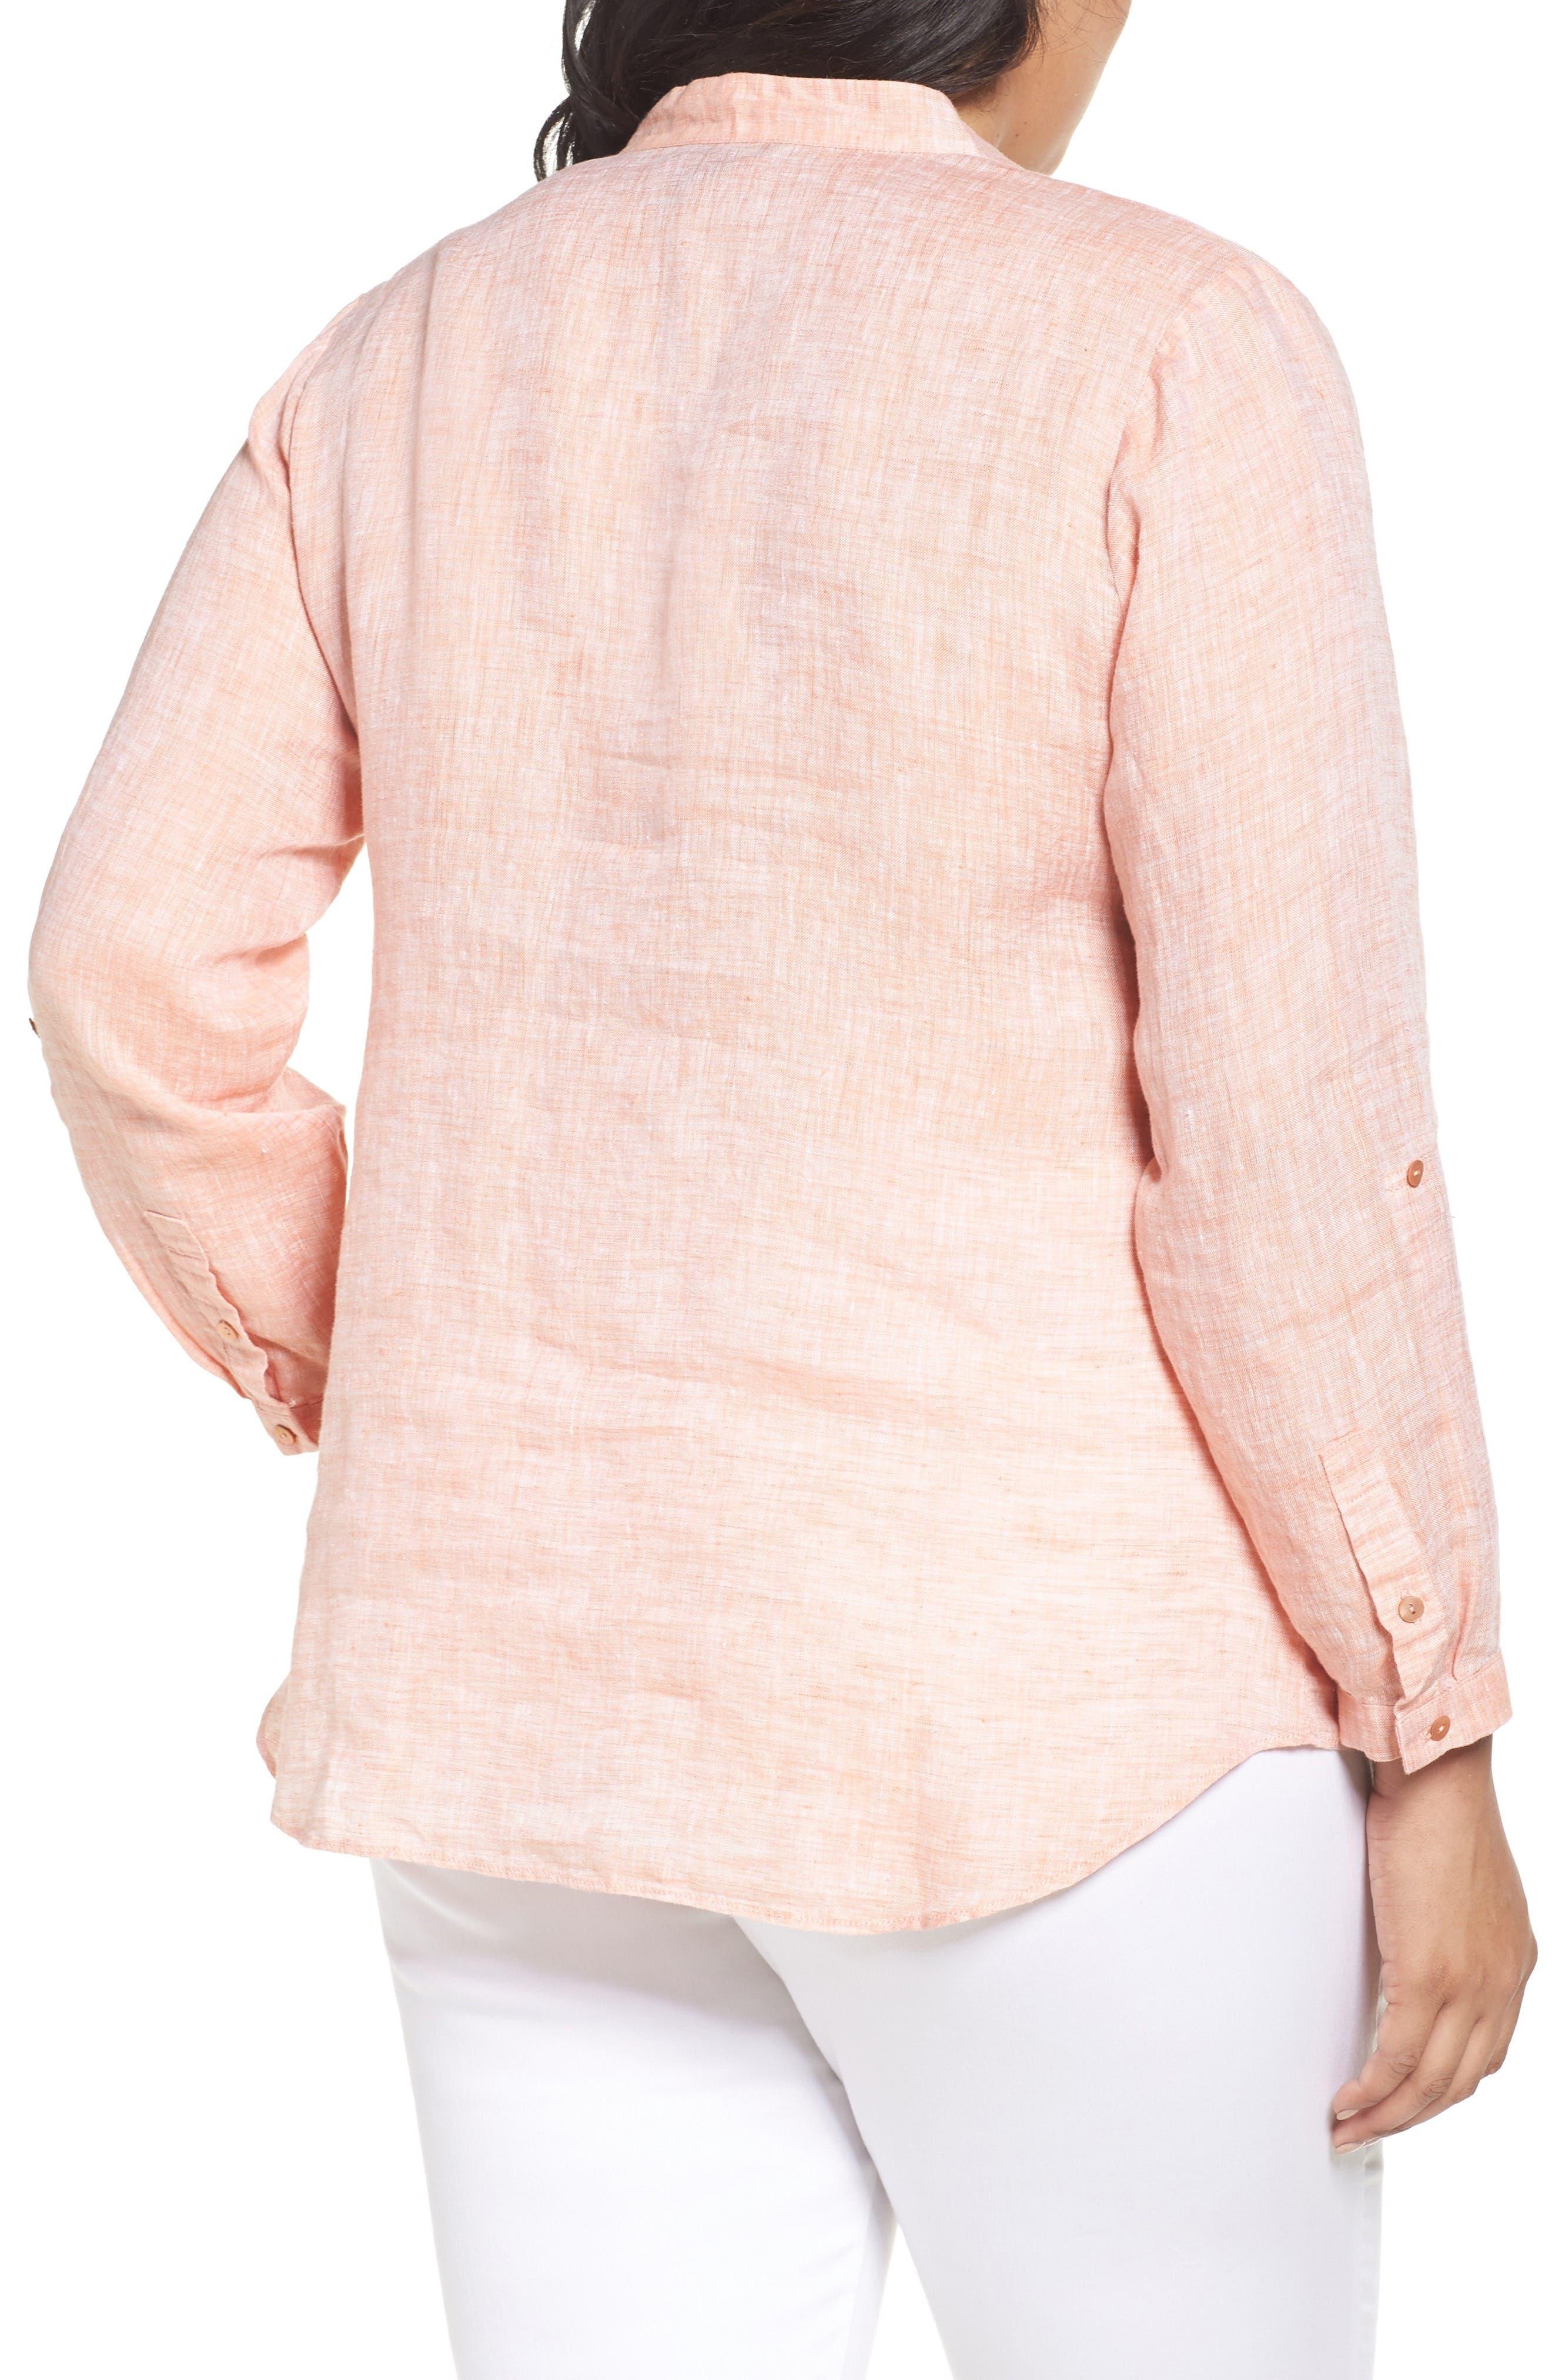 NIC+ZOE, Drifty Woven Linen Shirt, Alternate thumbnail 2, color, TANGERINE